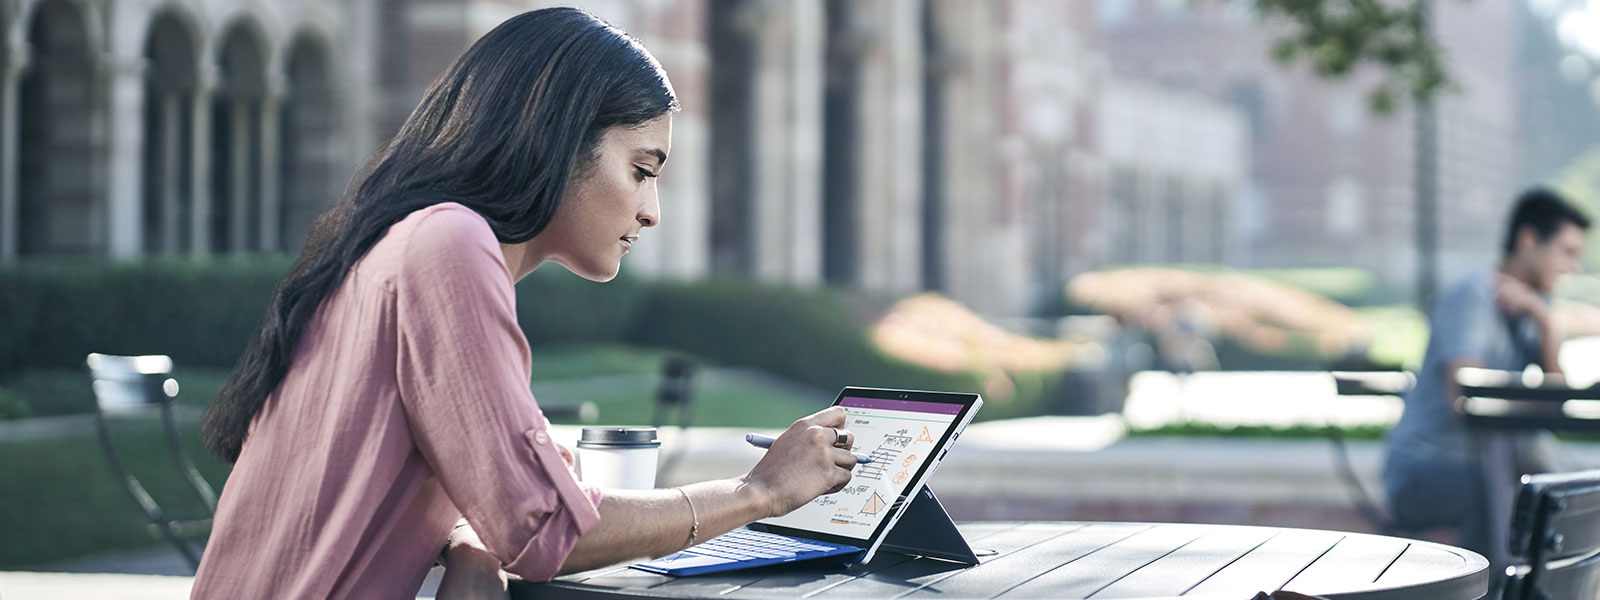 Vrouw die Surface Studio gebruikt om in de kneepmodus in en uit te zoomen met behulp van Pen en touch.